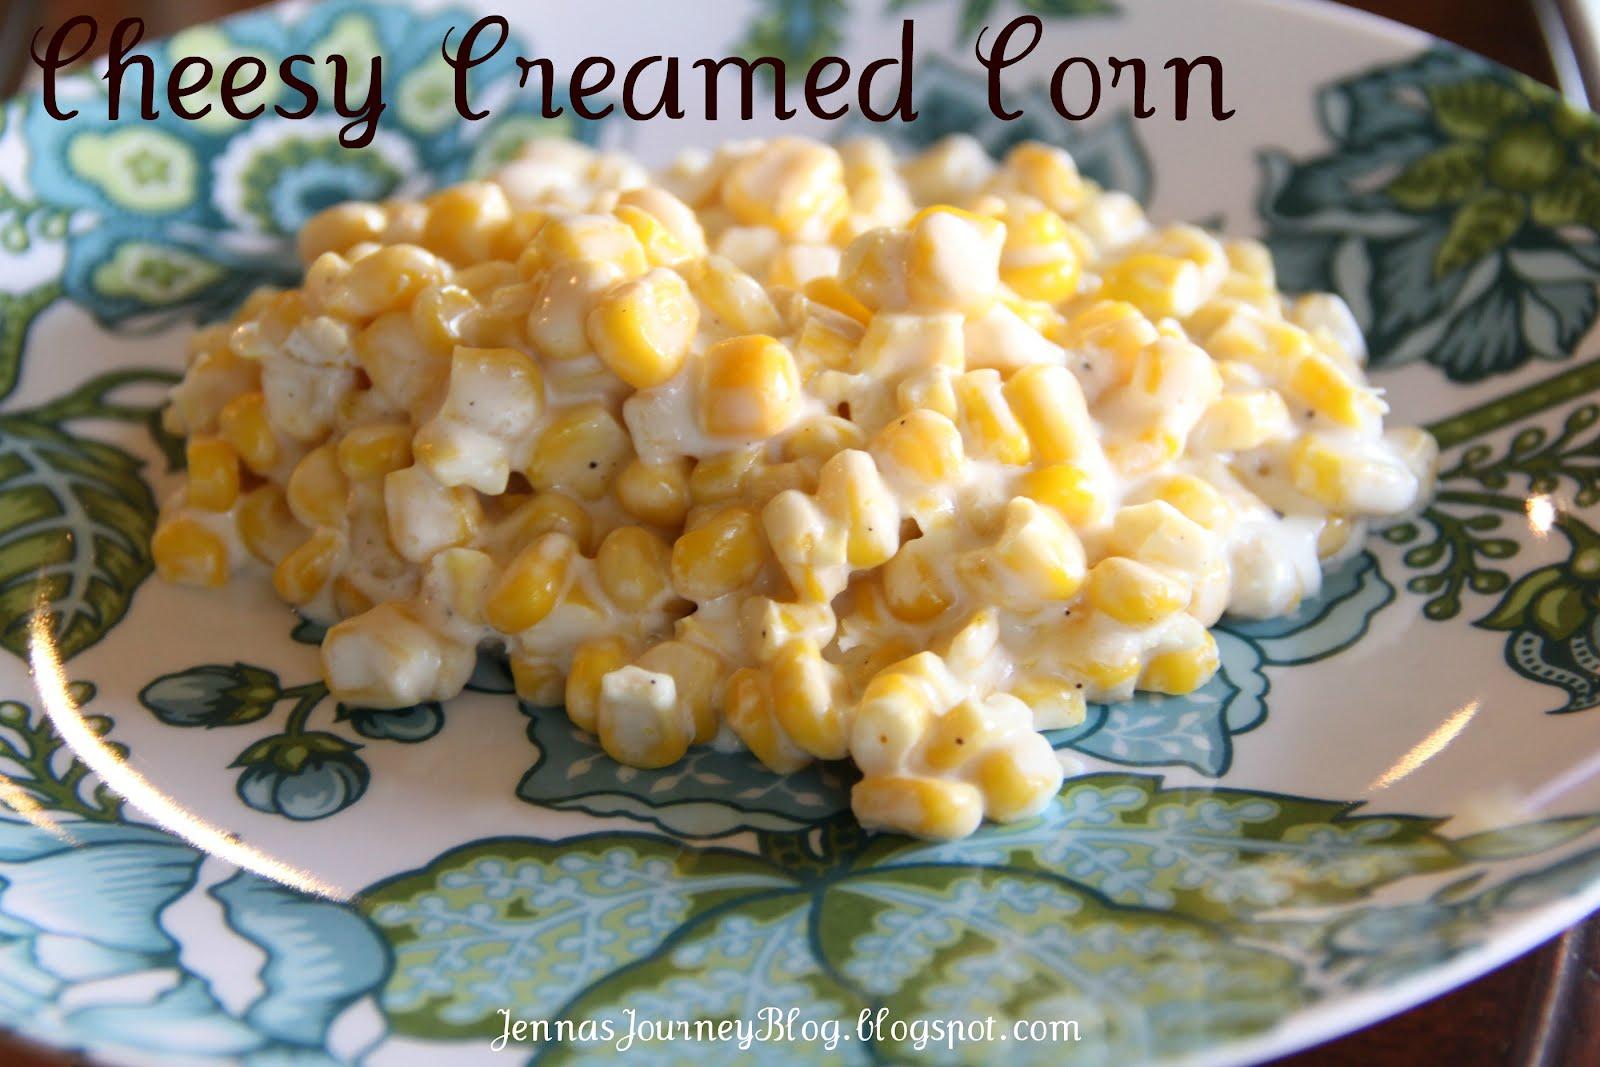 Jenna Blogs: Cheesy Creamed Corn